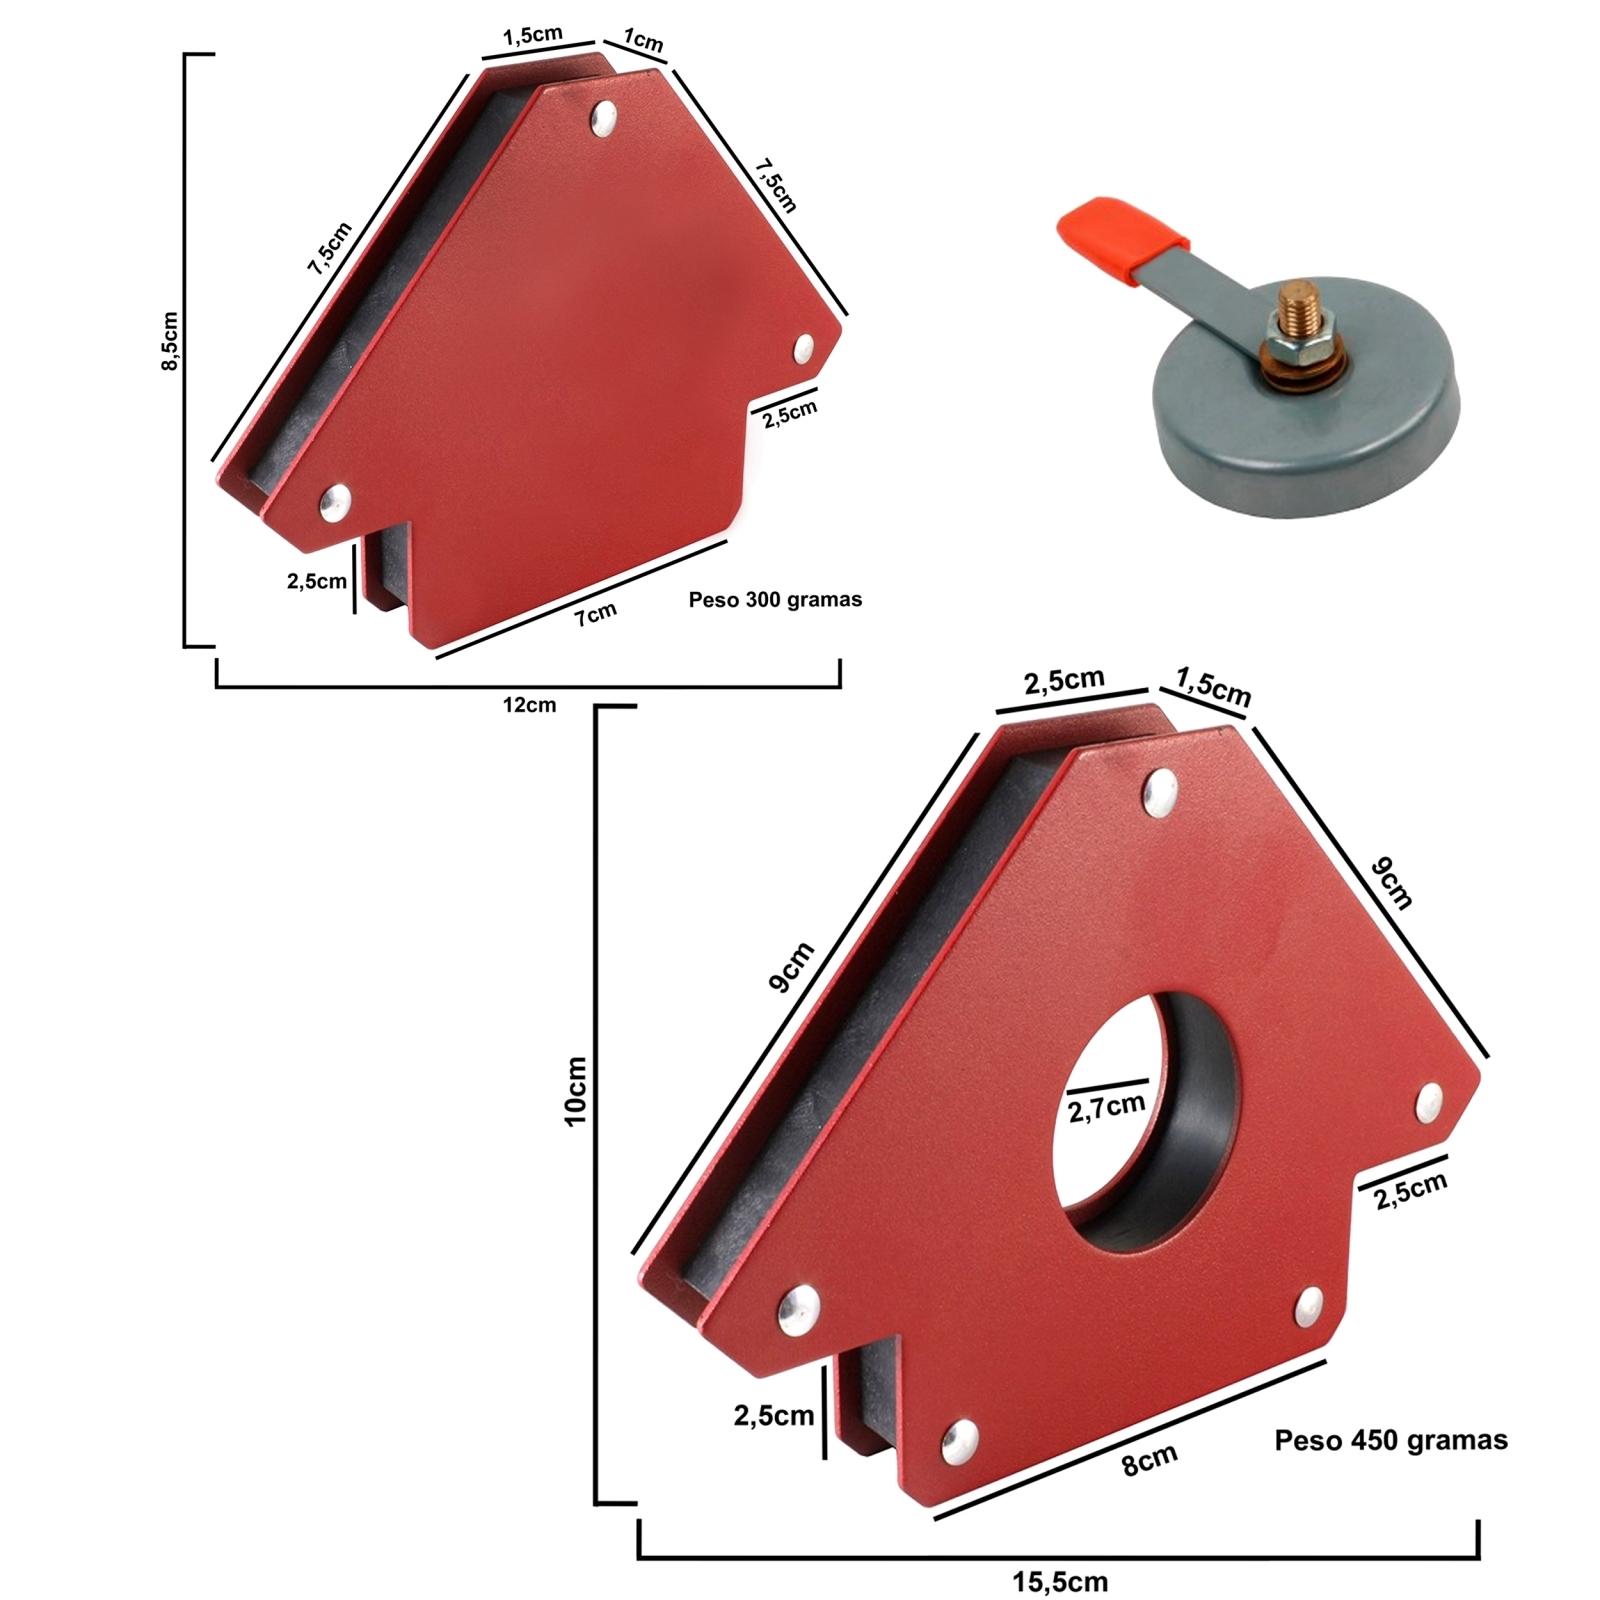 Esquadro Magnético Para Soldador Brax Soldas Capacidade 12 e 30 kilos + Terra - Ferramentas MEP